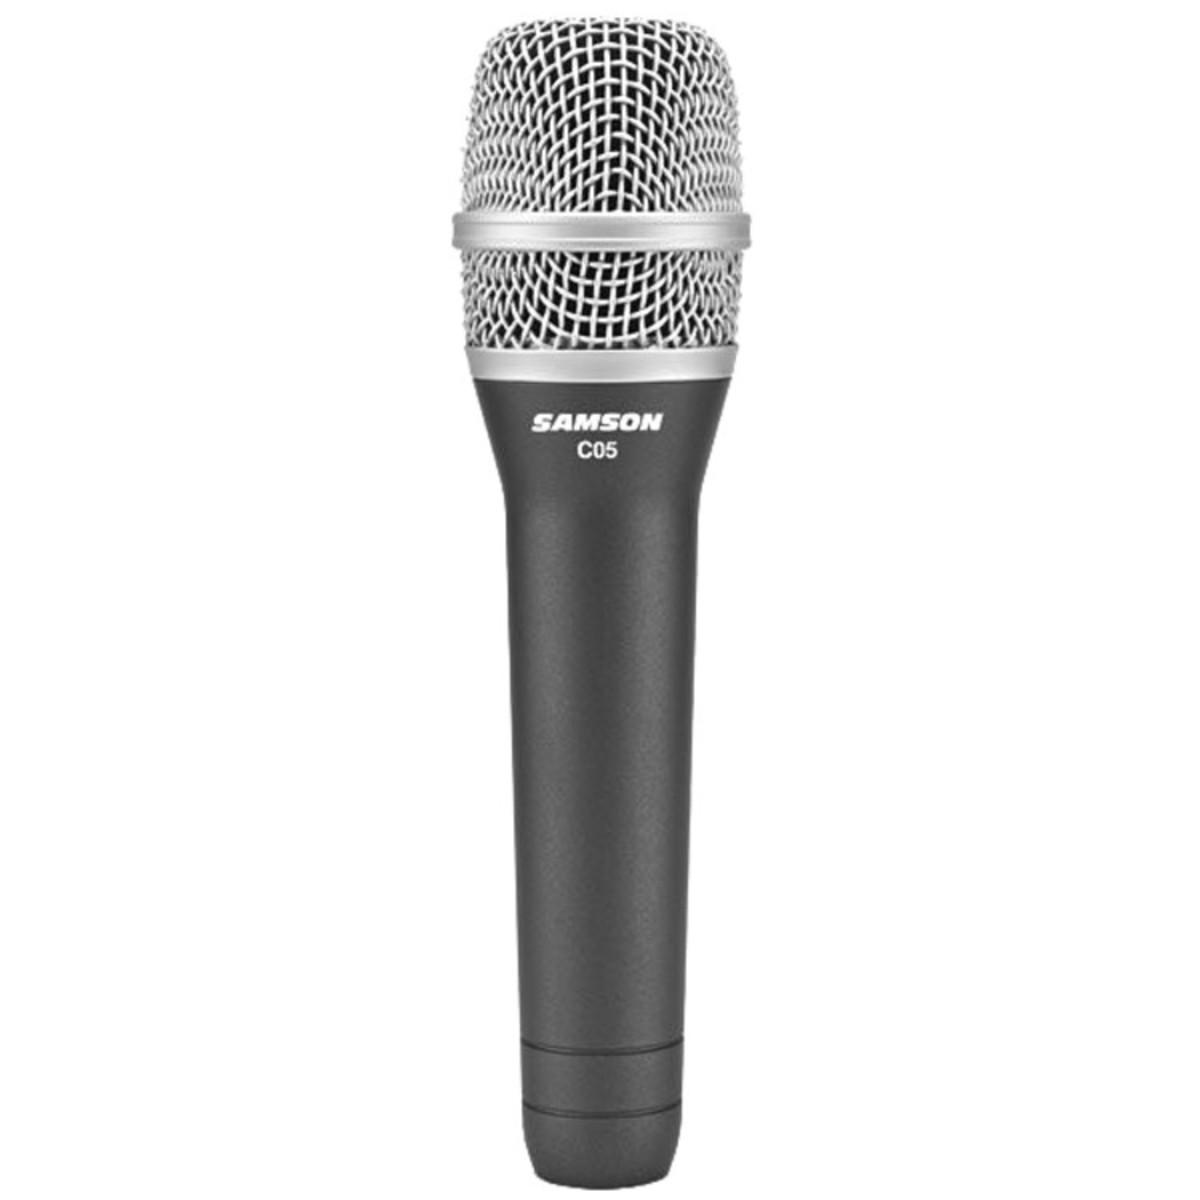 Samson C05 Handheld Condenser Microphone